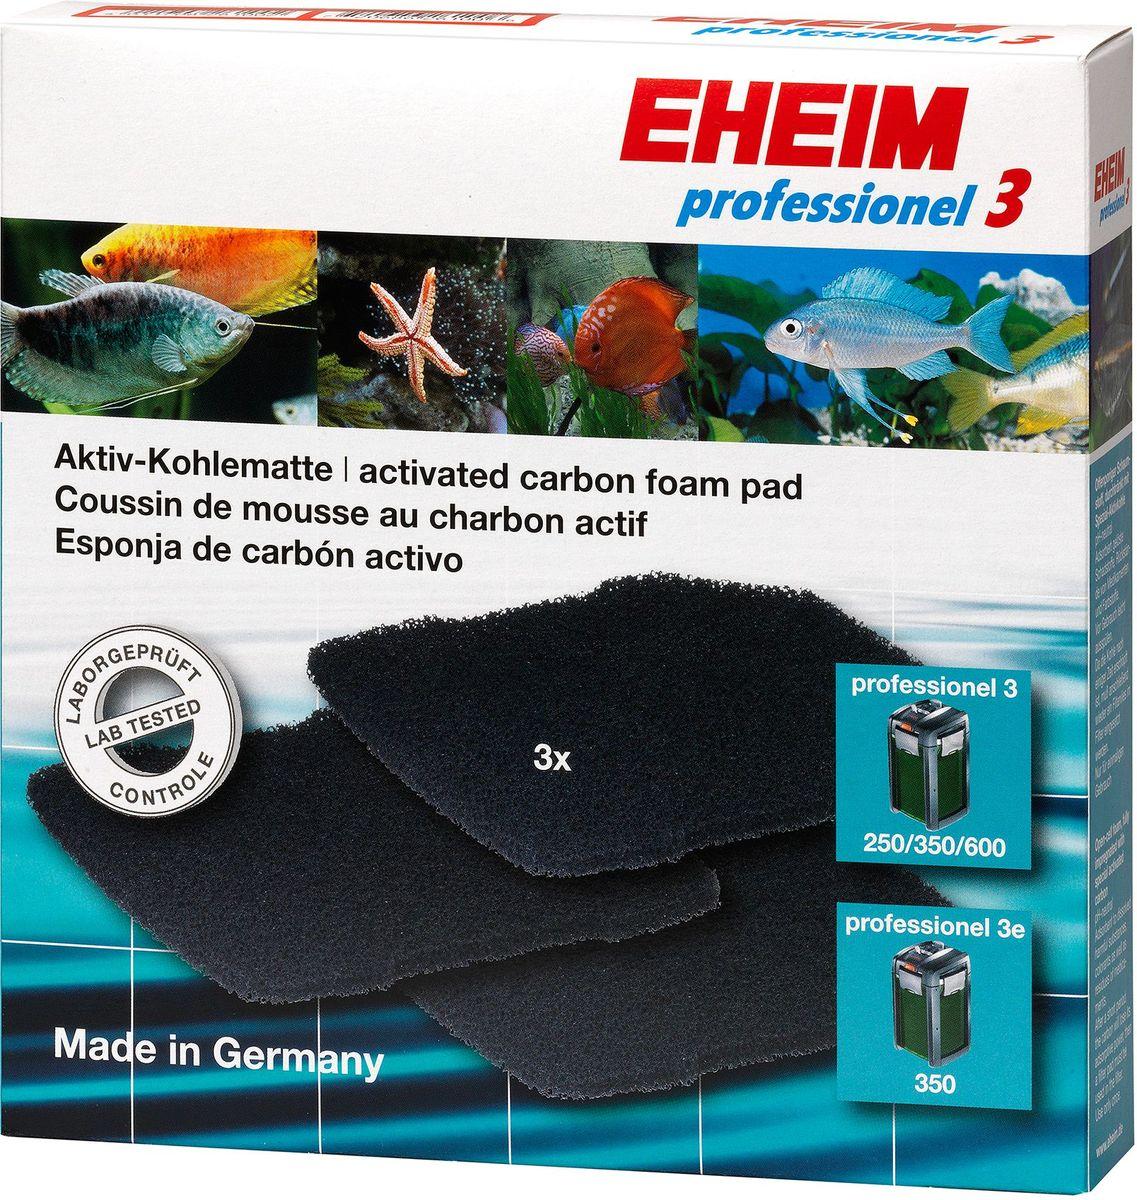 Наполнитель для фильтра Eheim Professionel 3 250/350/600, 3 шт0120710Набор угольных губок для фильтра Eheim Professionel 3. Используется для удаления вредных веществ: остатков лекарств, хлора.